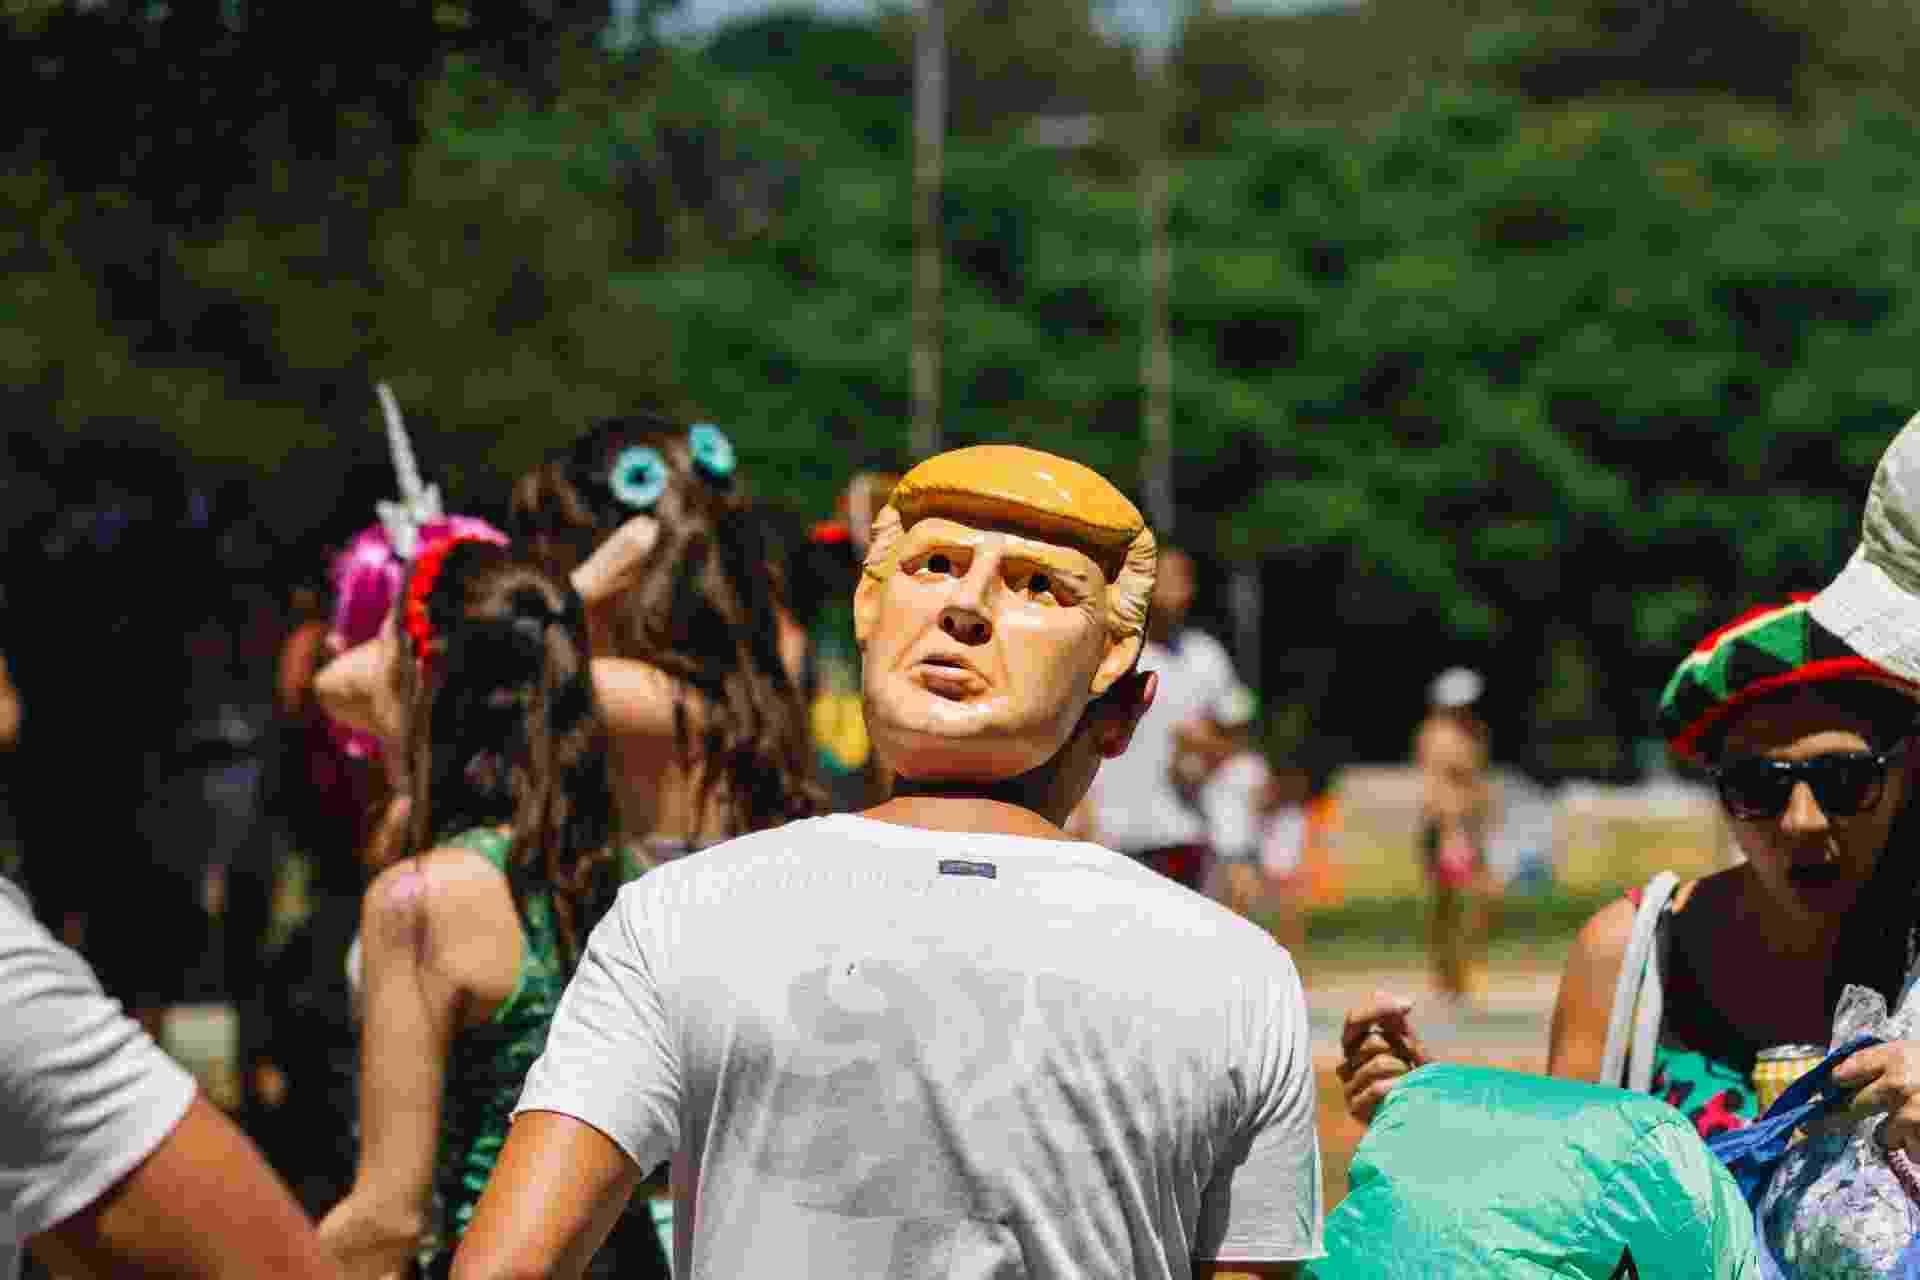 Folião usa máscara do presidente americano Donald Trump no bloco Maluco Beleza - Guilherme Stutz/Futura Press/Estadão Conteúdo